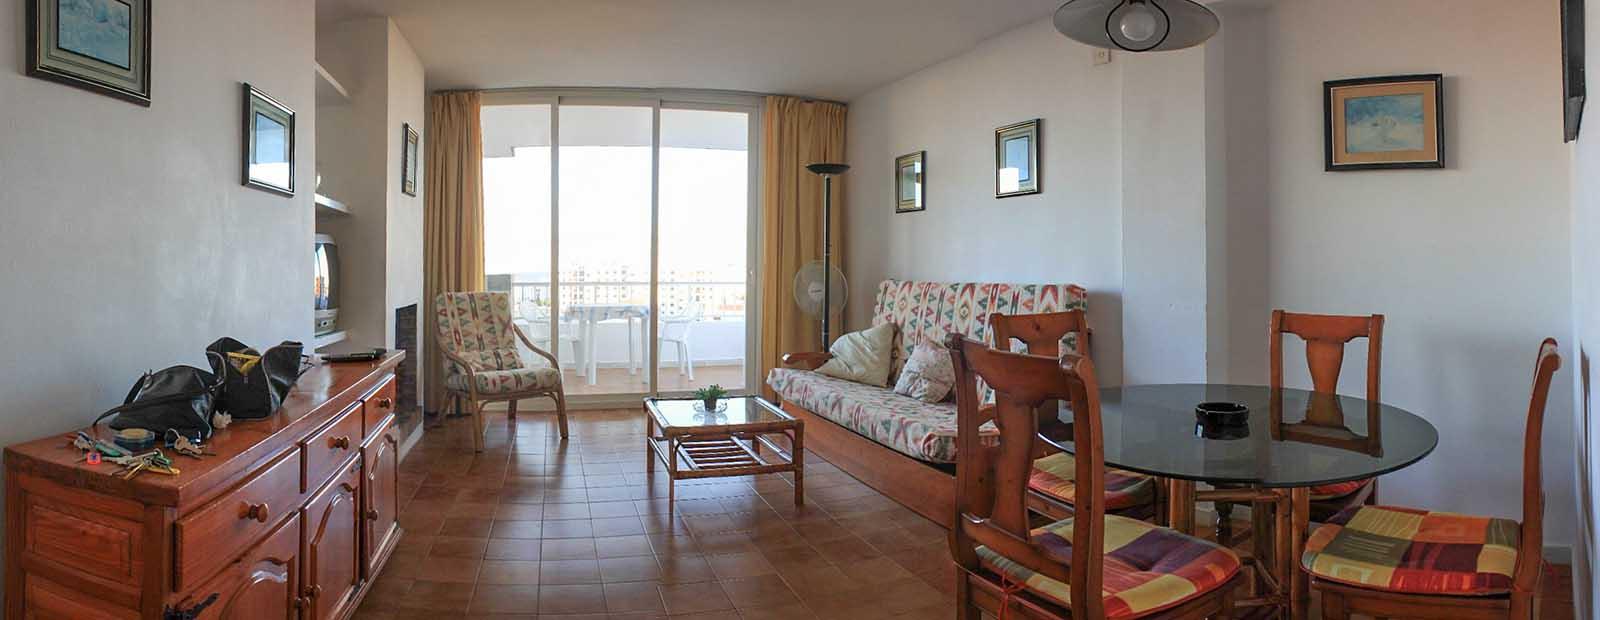 Alquiler de piso en ibiza playa dem bossa - Pisos en alquiler ibiza ...